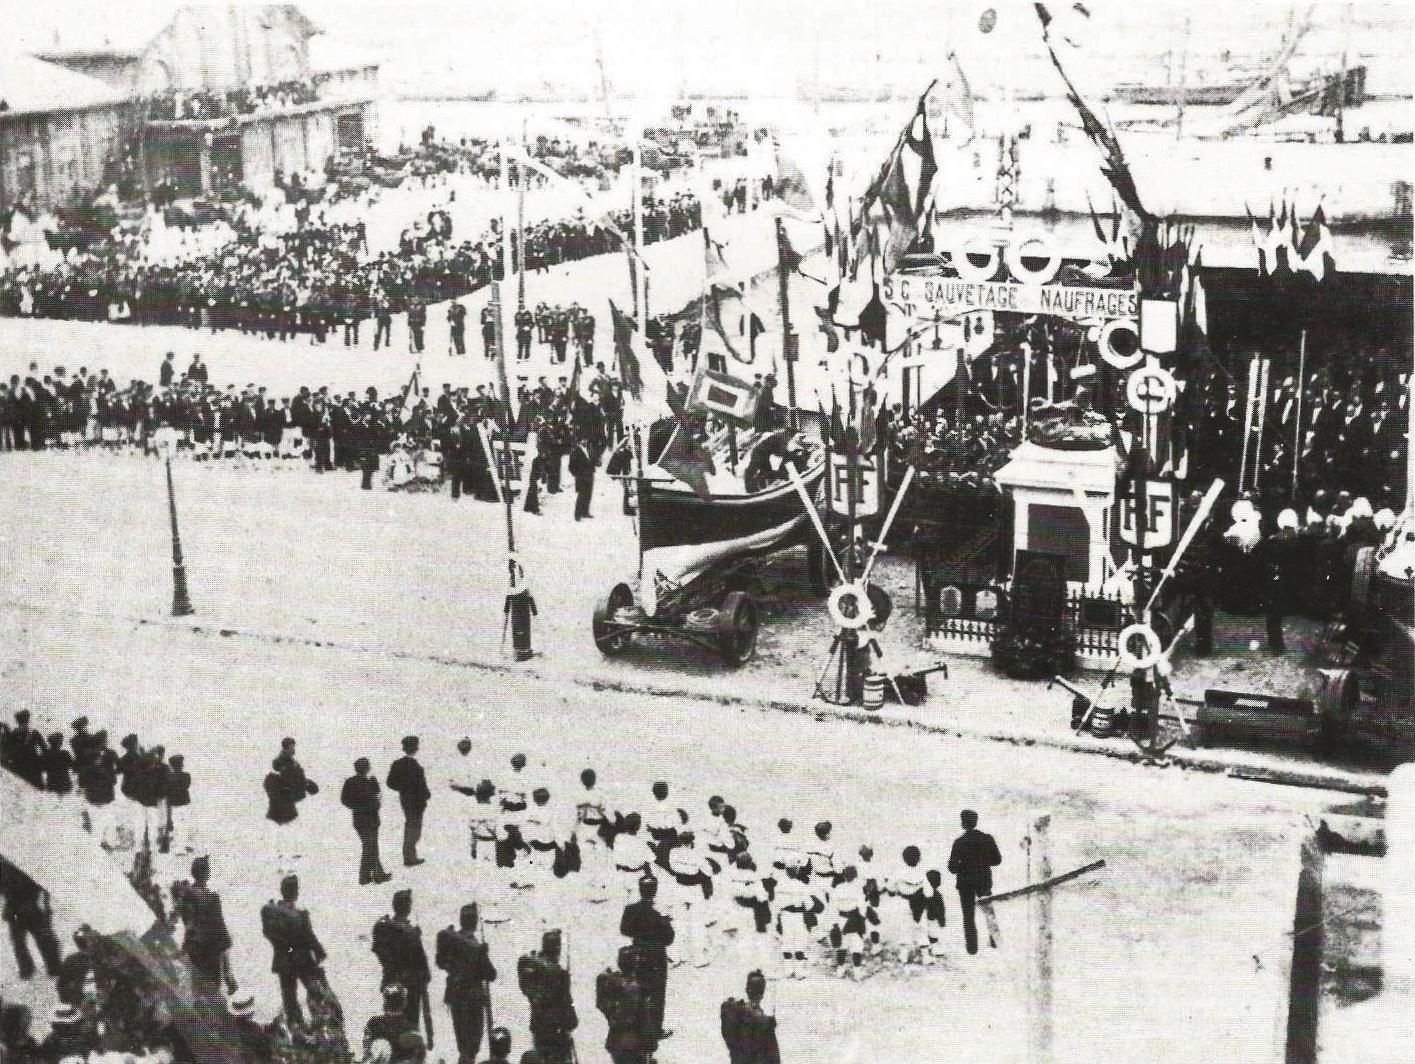 Calais inauguration du monument des sauveteurs 11 sept 1899